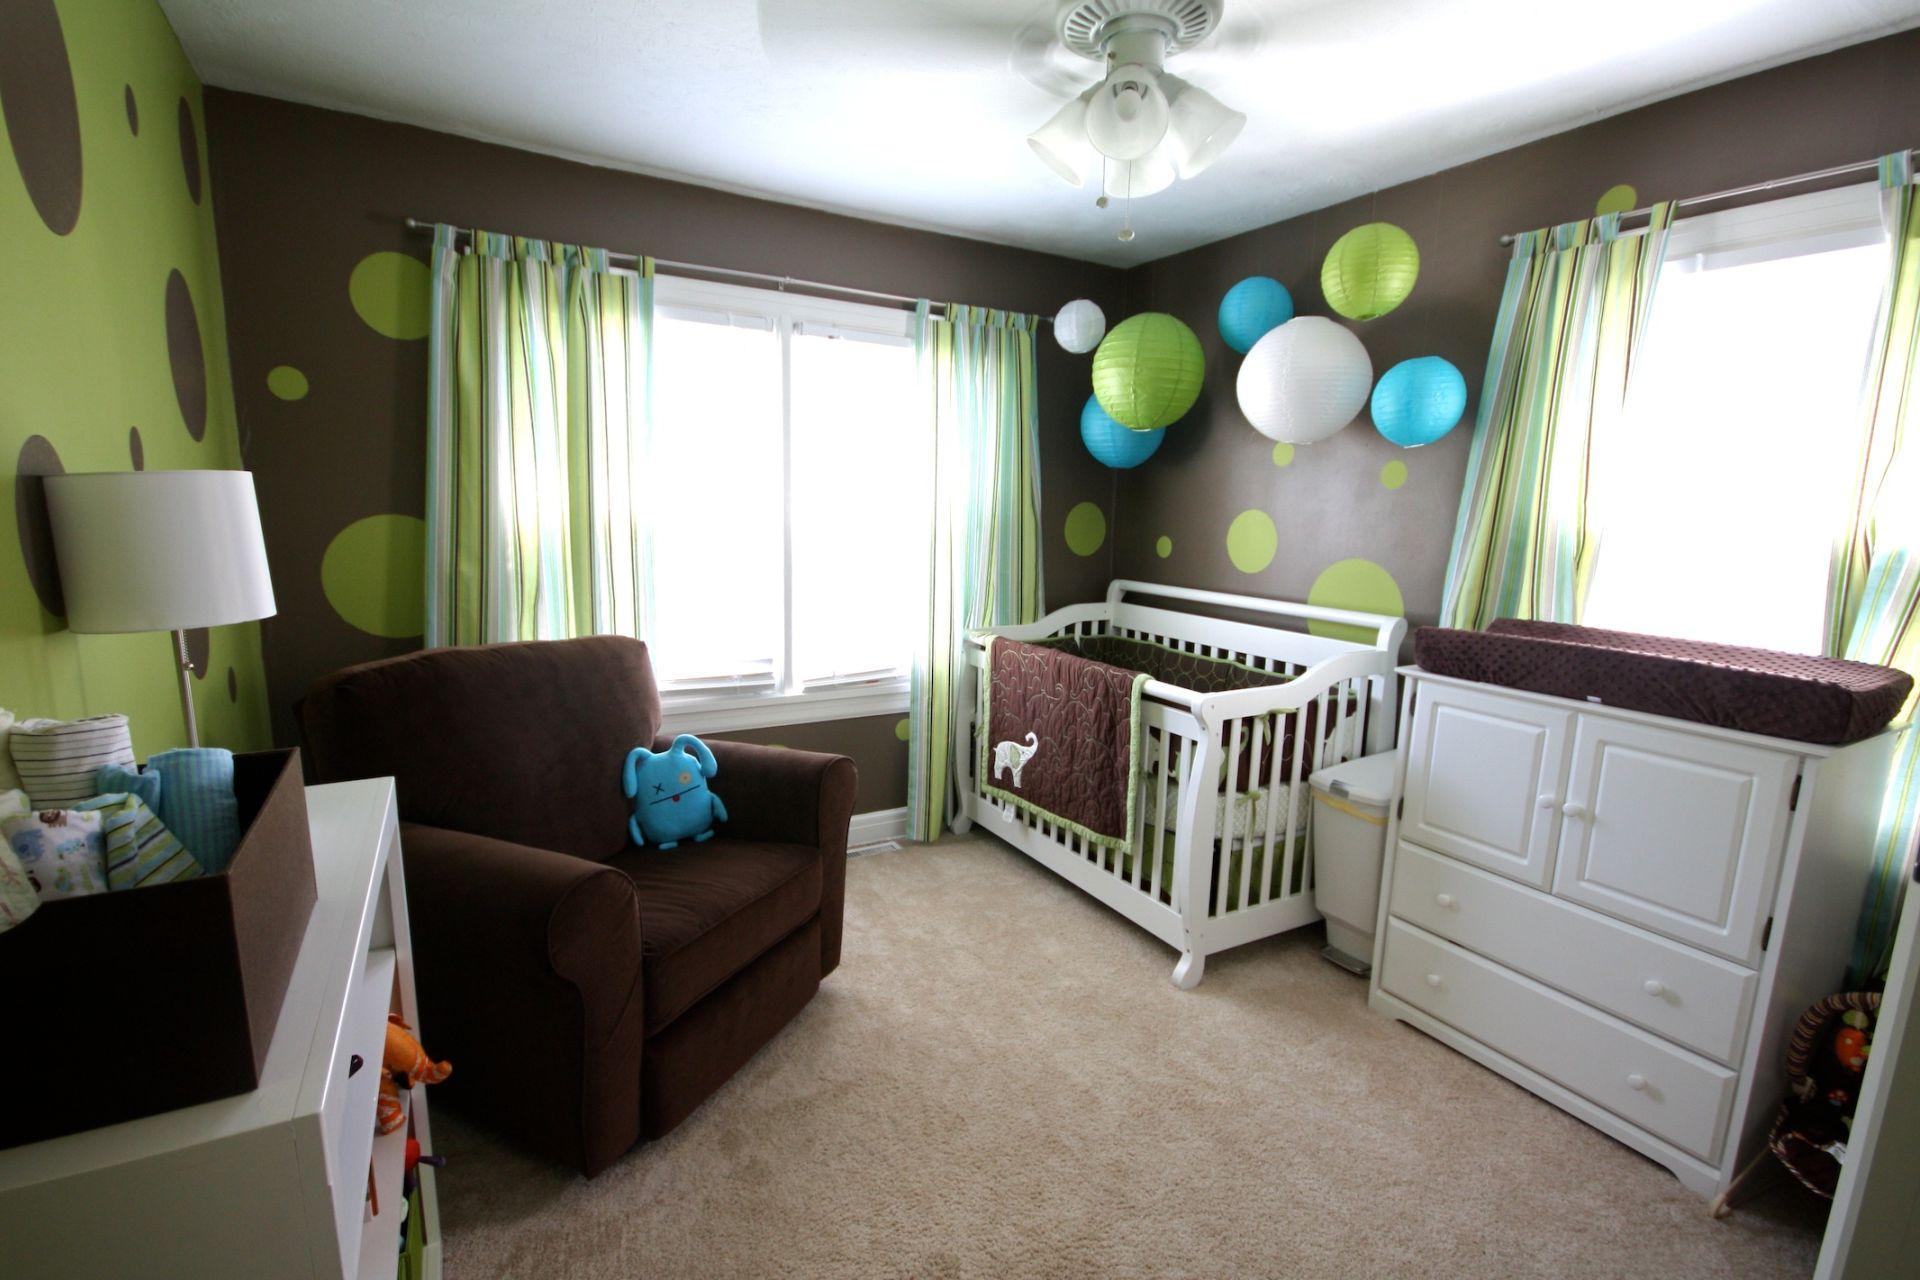 Дизайн маленькой детской комнаты - идеи интерьера для девочк.